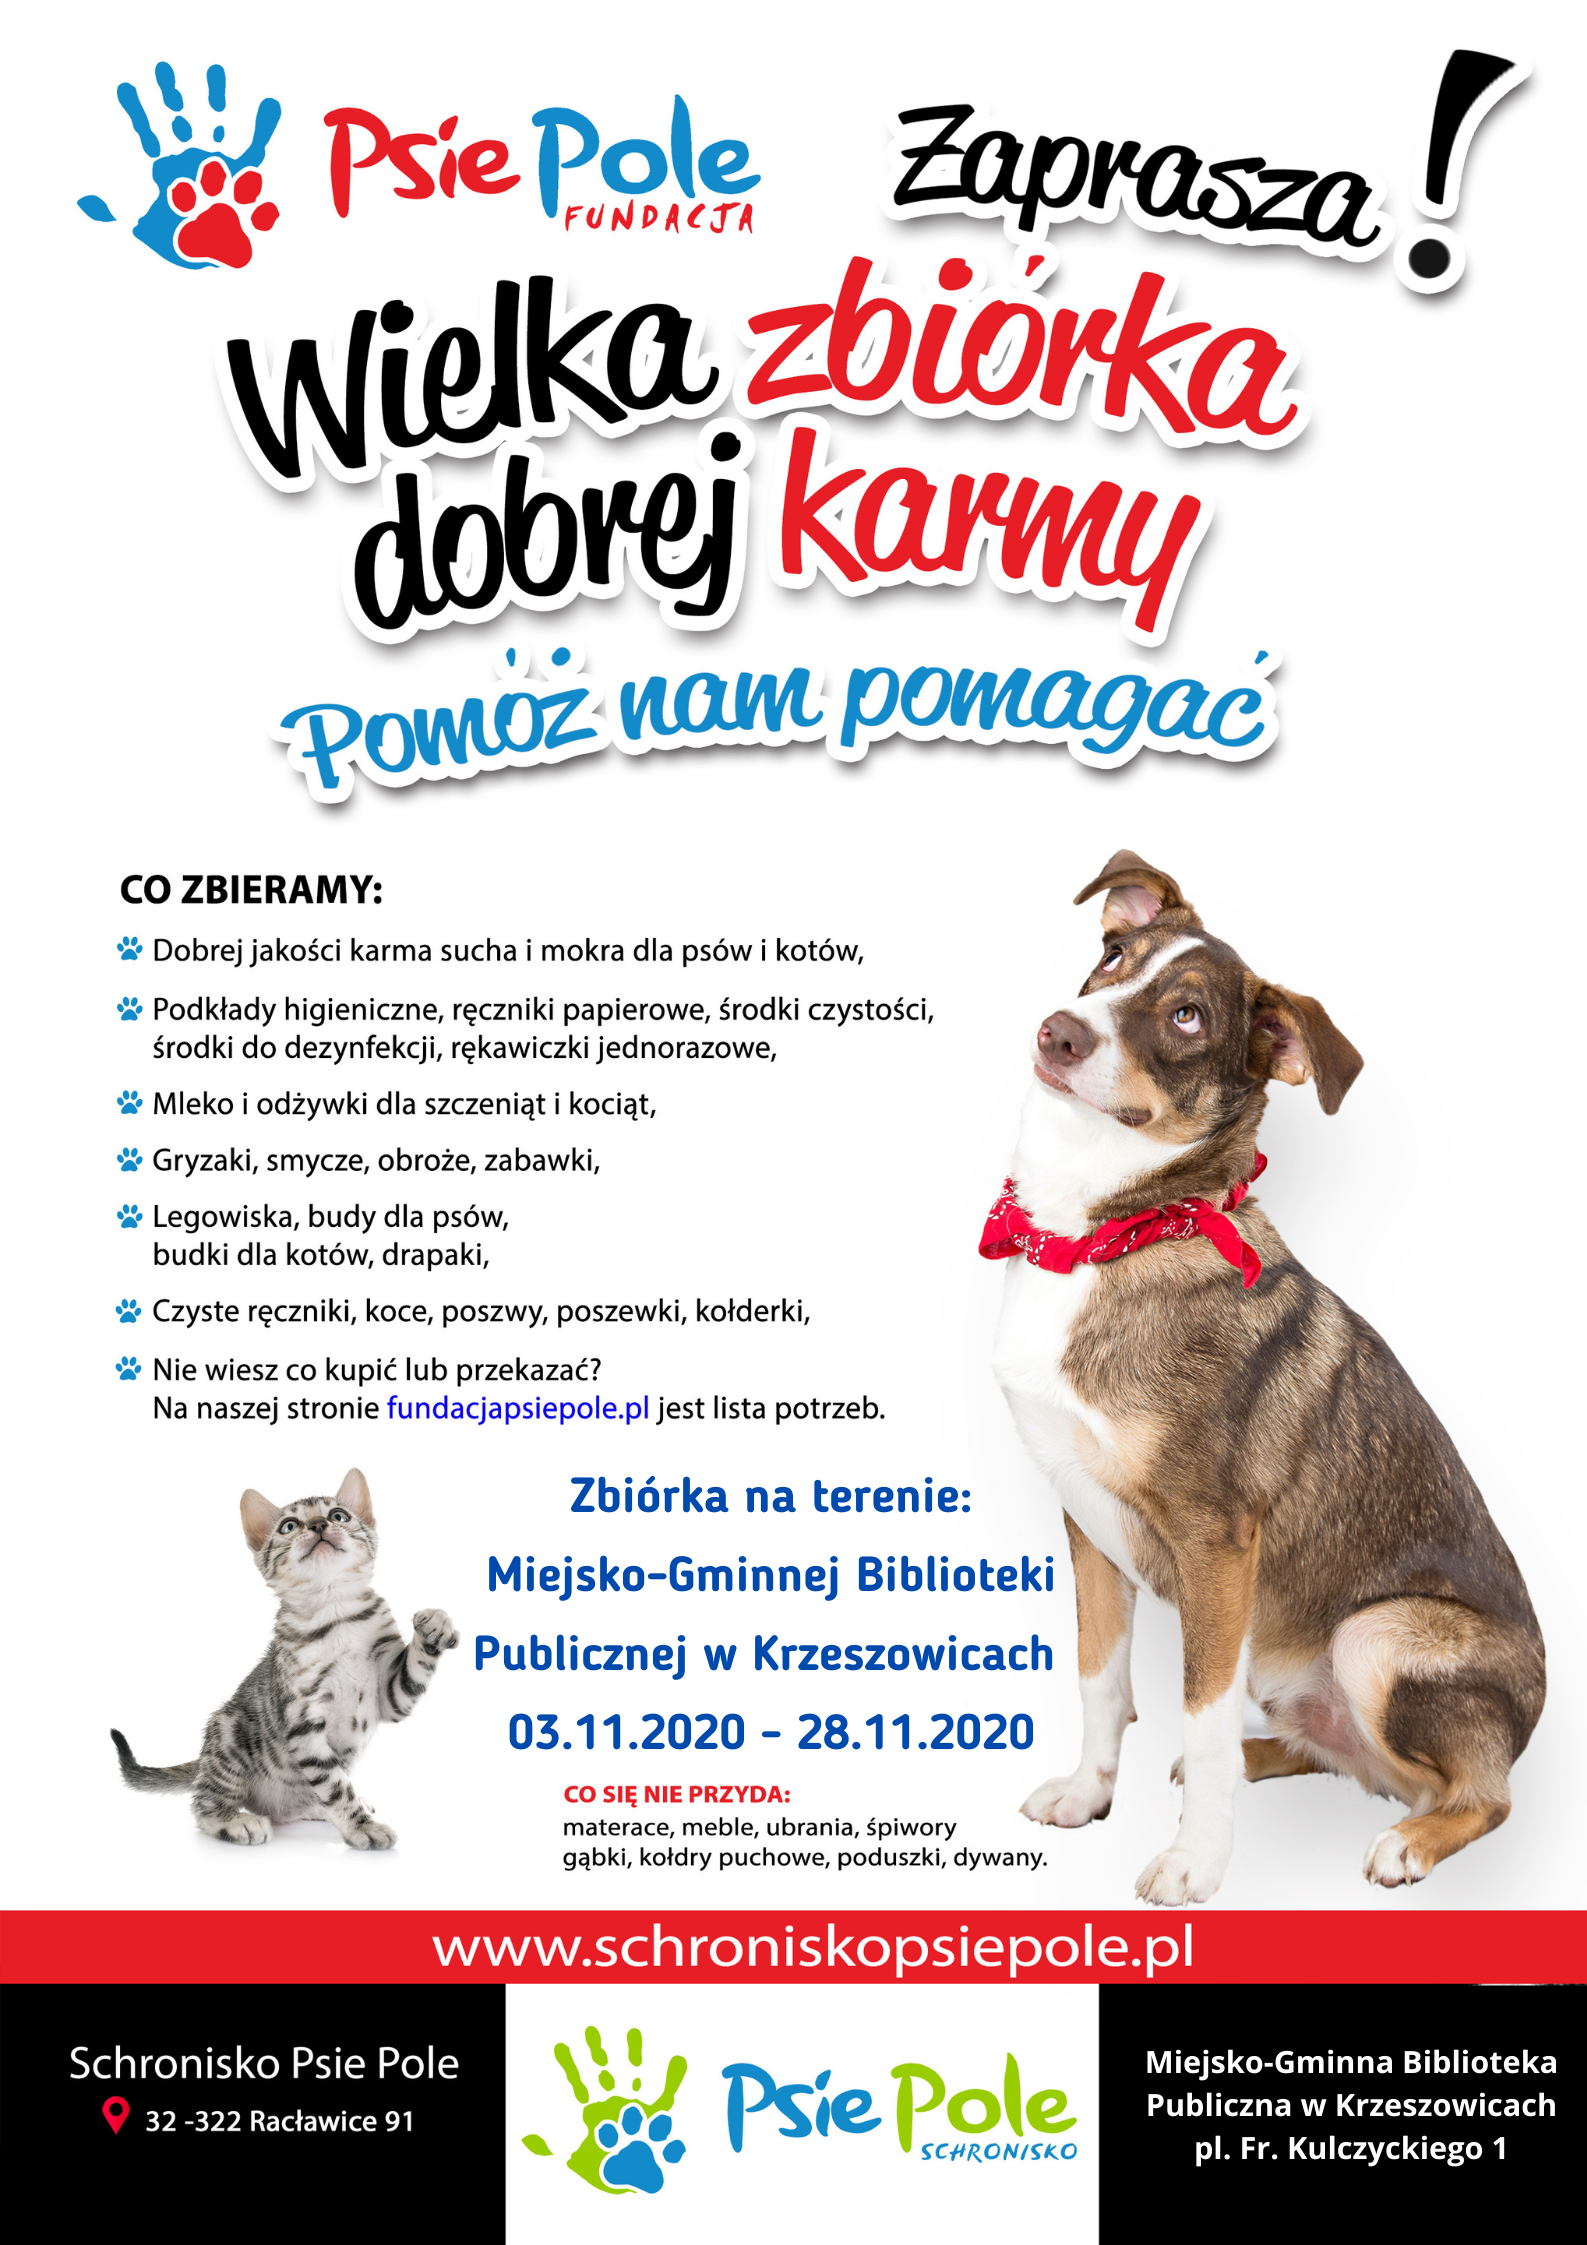 wielka_zbiorka_karmy